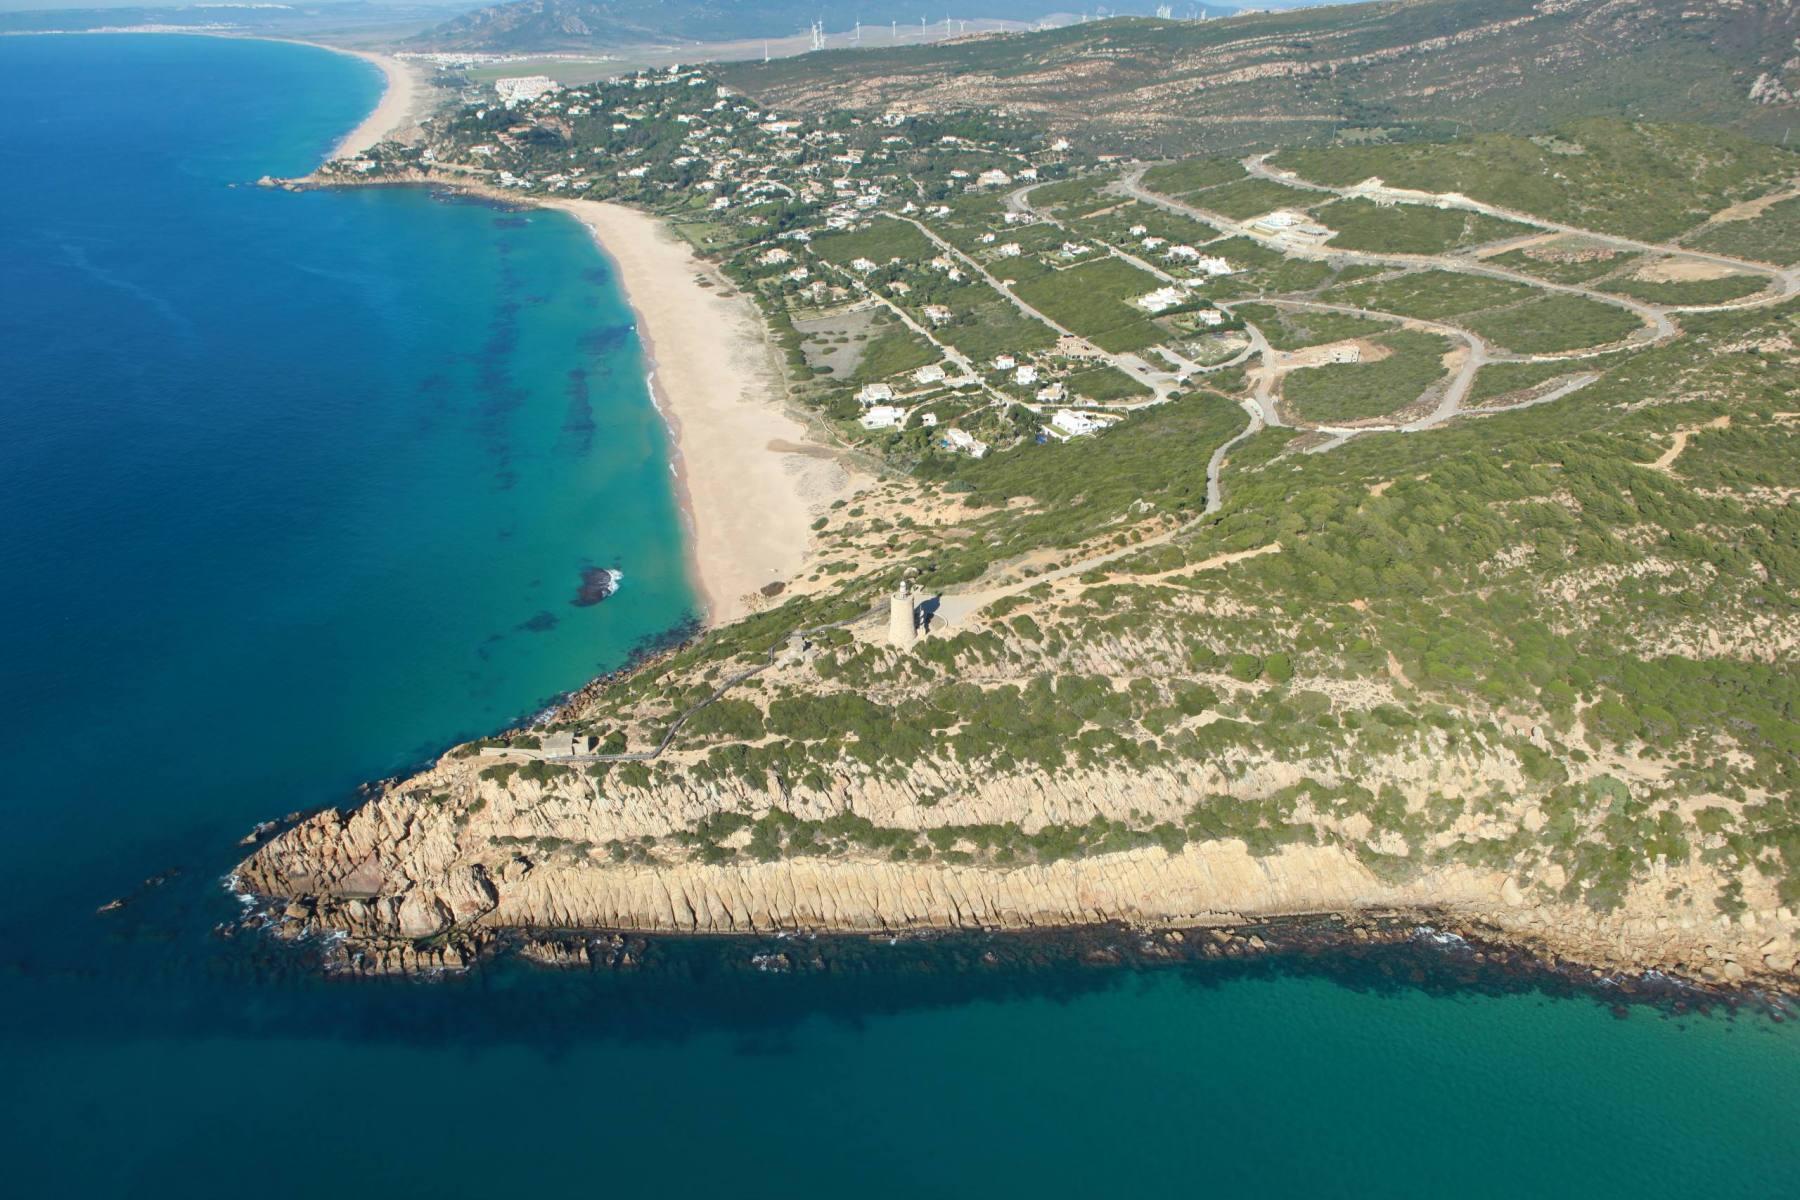 Nudismo Naturismo en Cádiz playa de zahara de los atunes atardecer